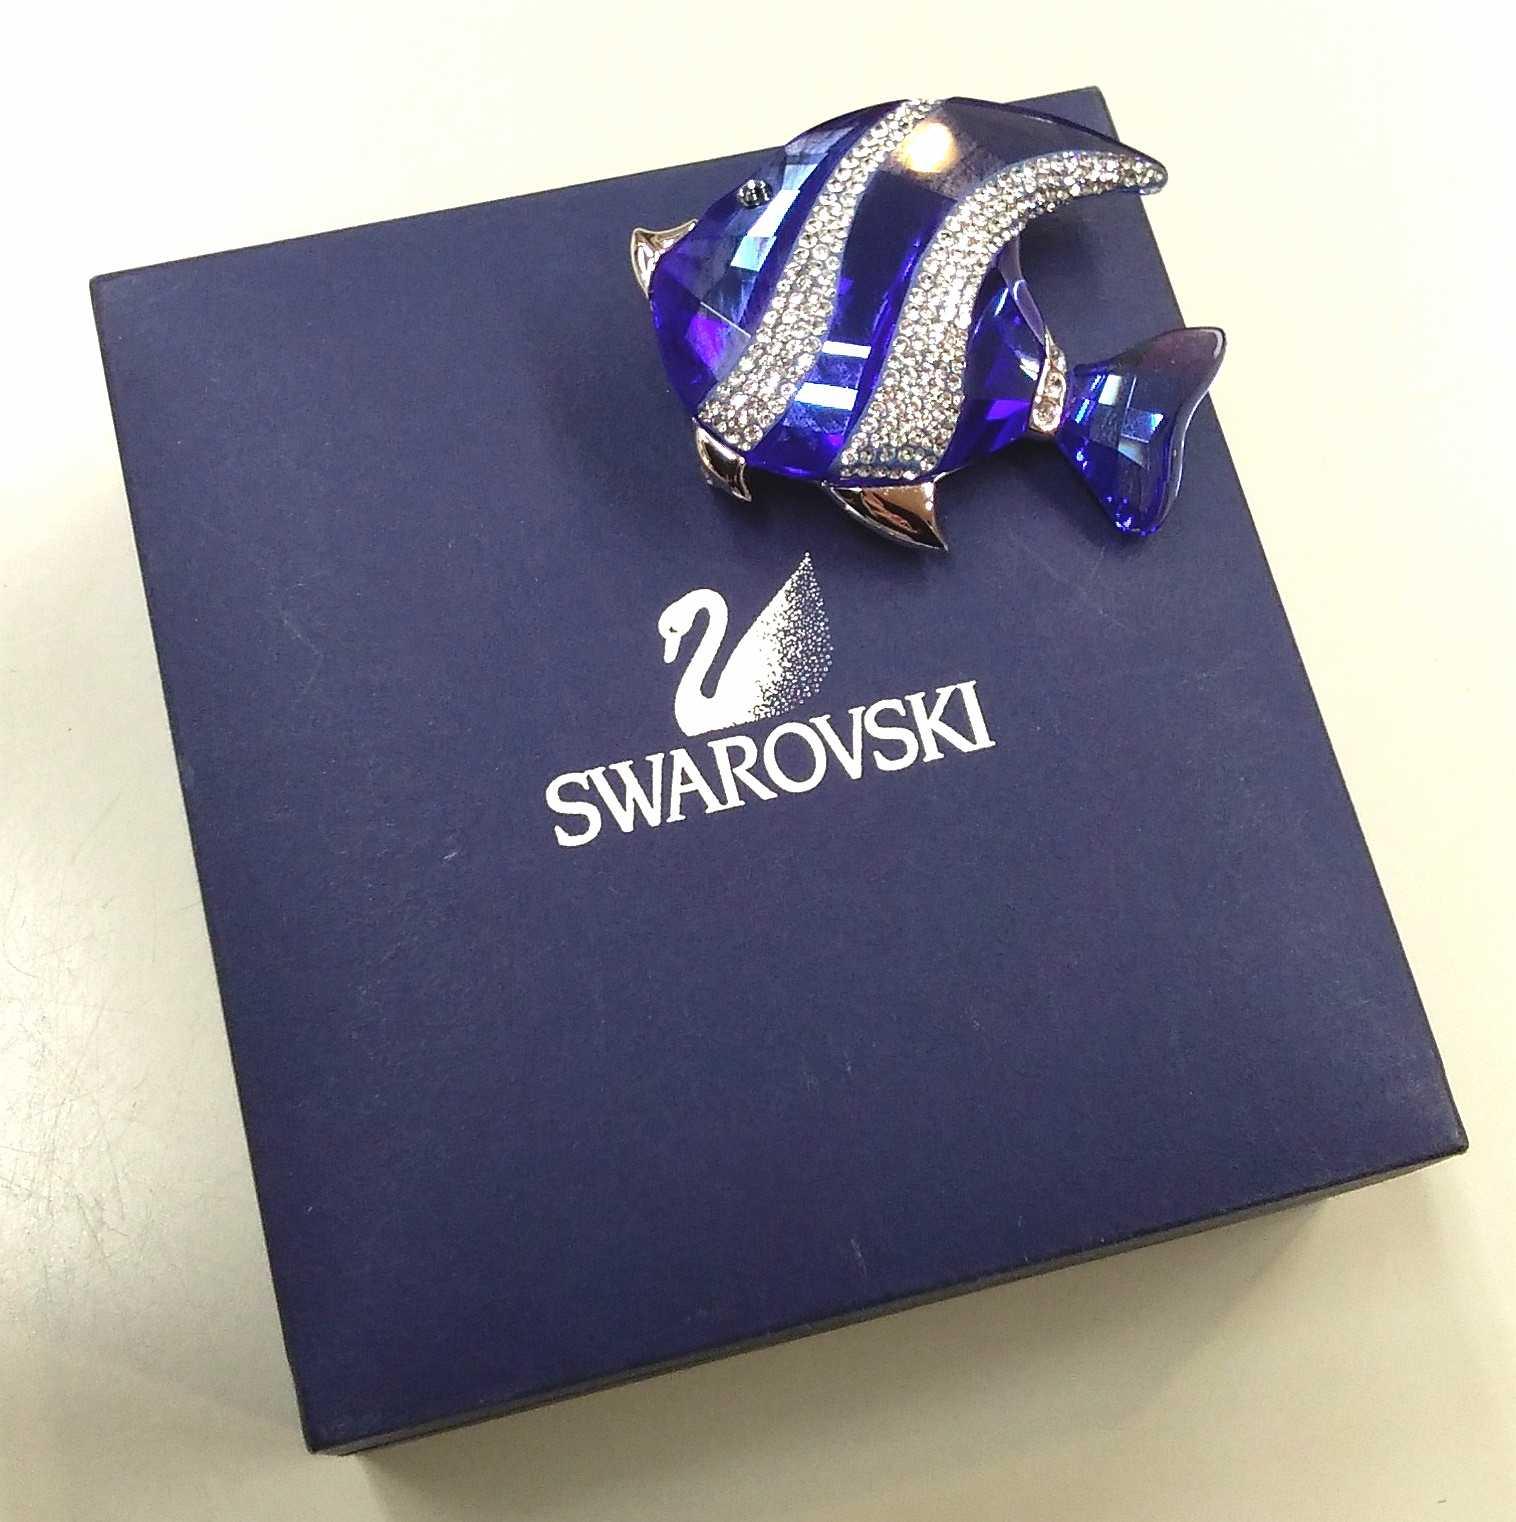 ファッション雑貨関連|SWAROVSKI